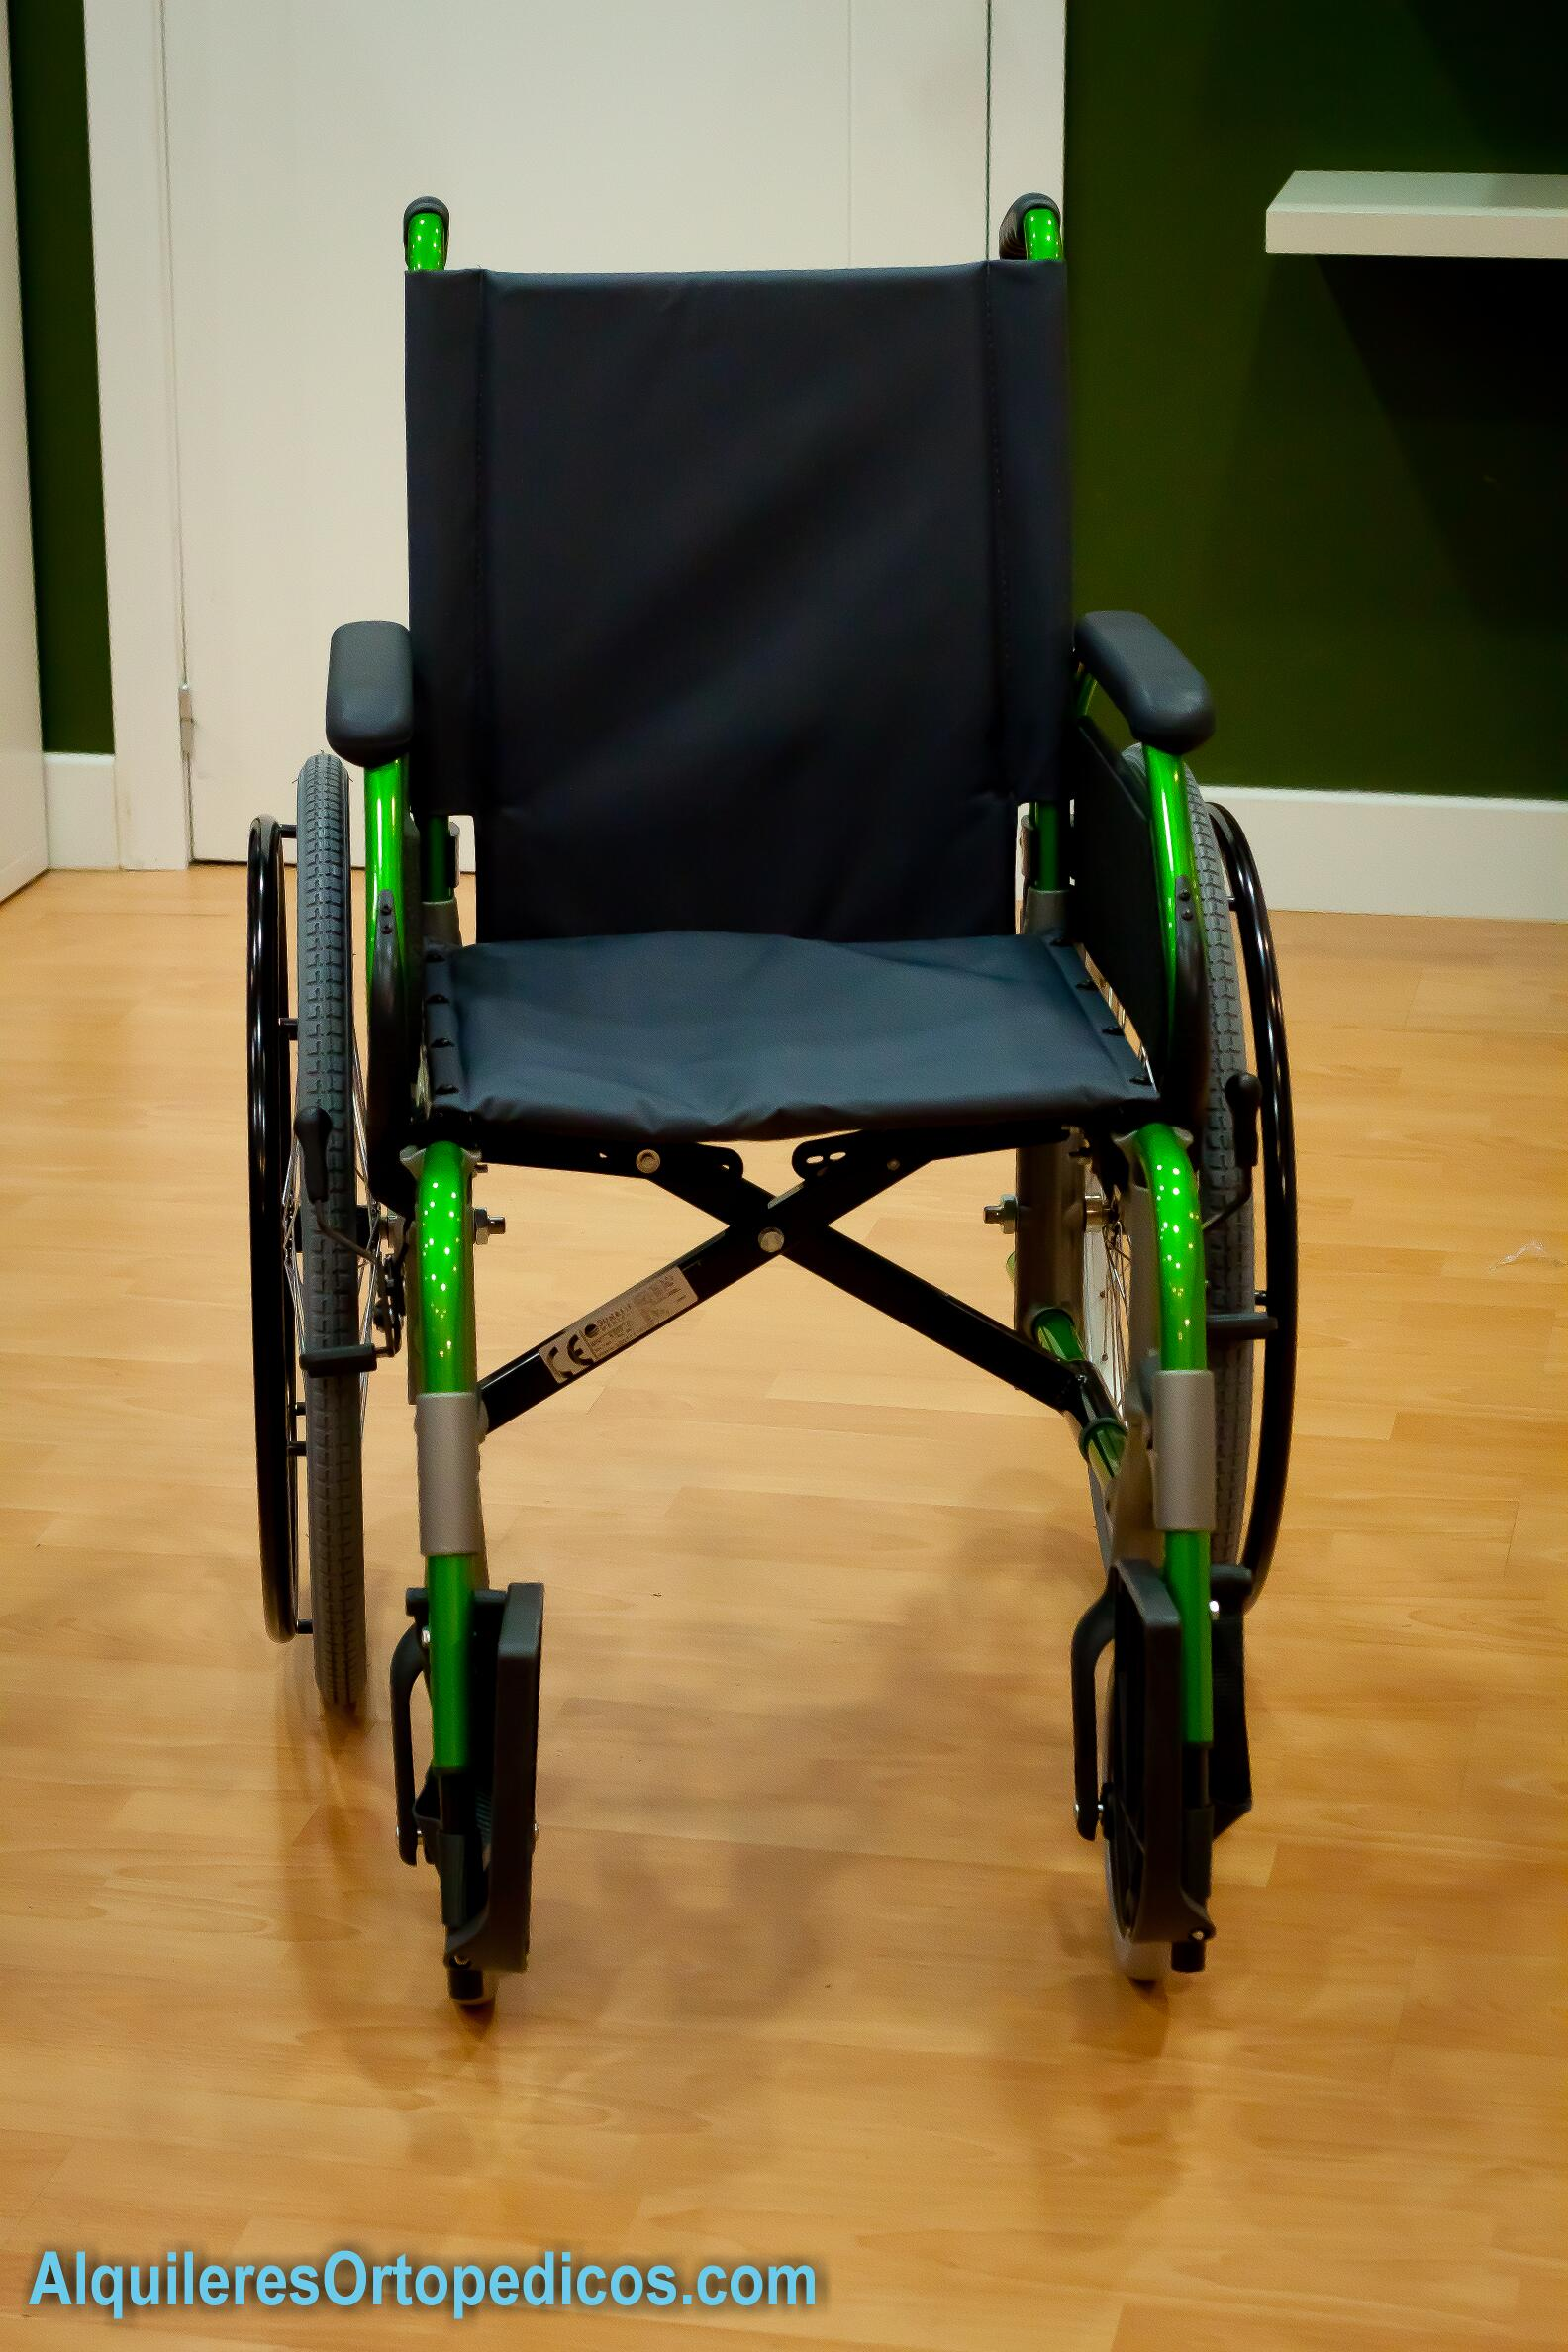 Silla de ruedas rueda grande alquileres ortop dicos - Ruedas para sillas de ruedas ...